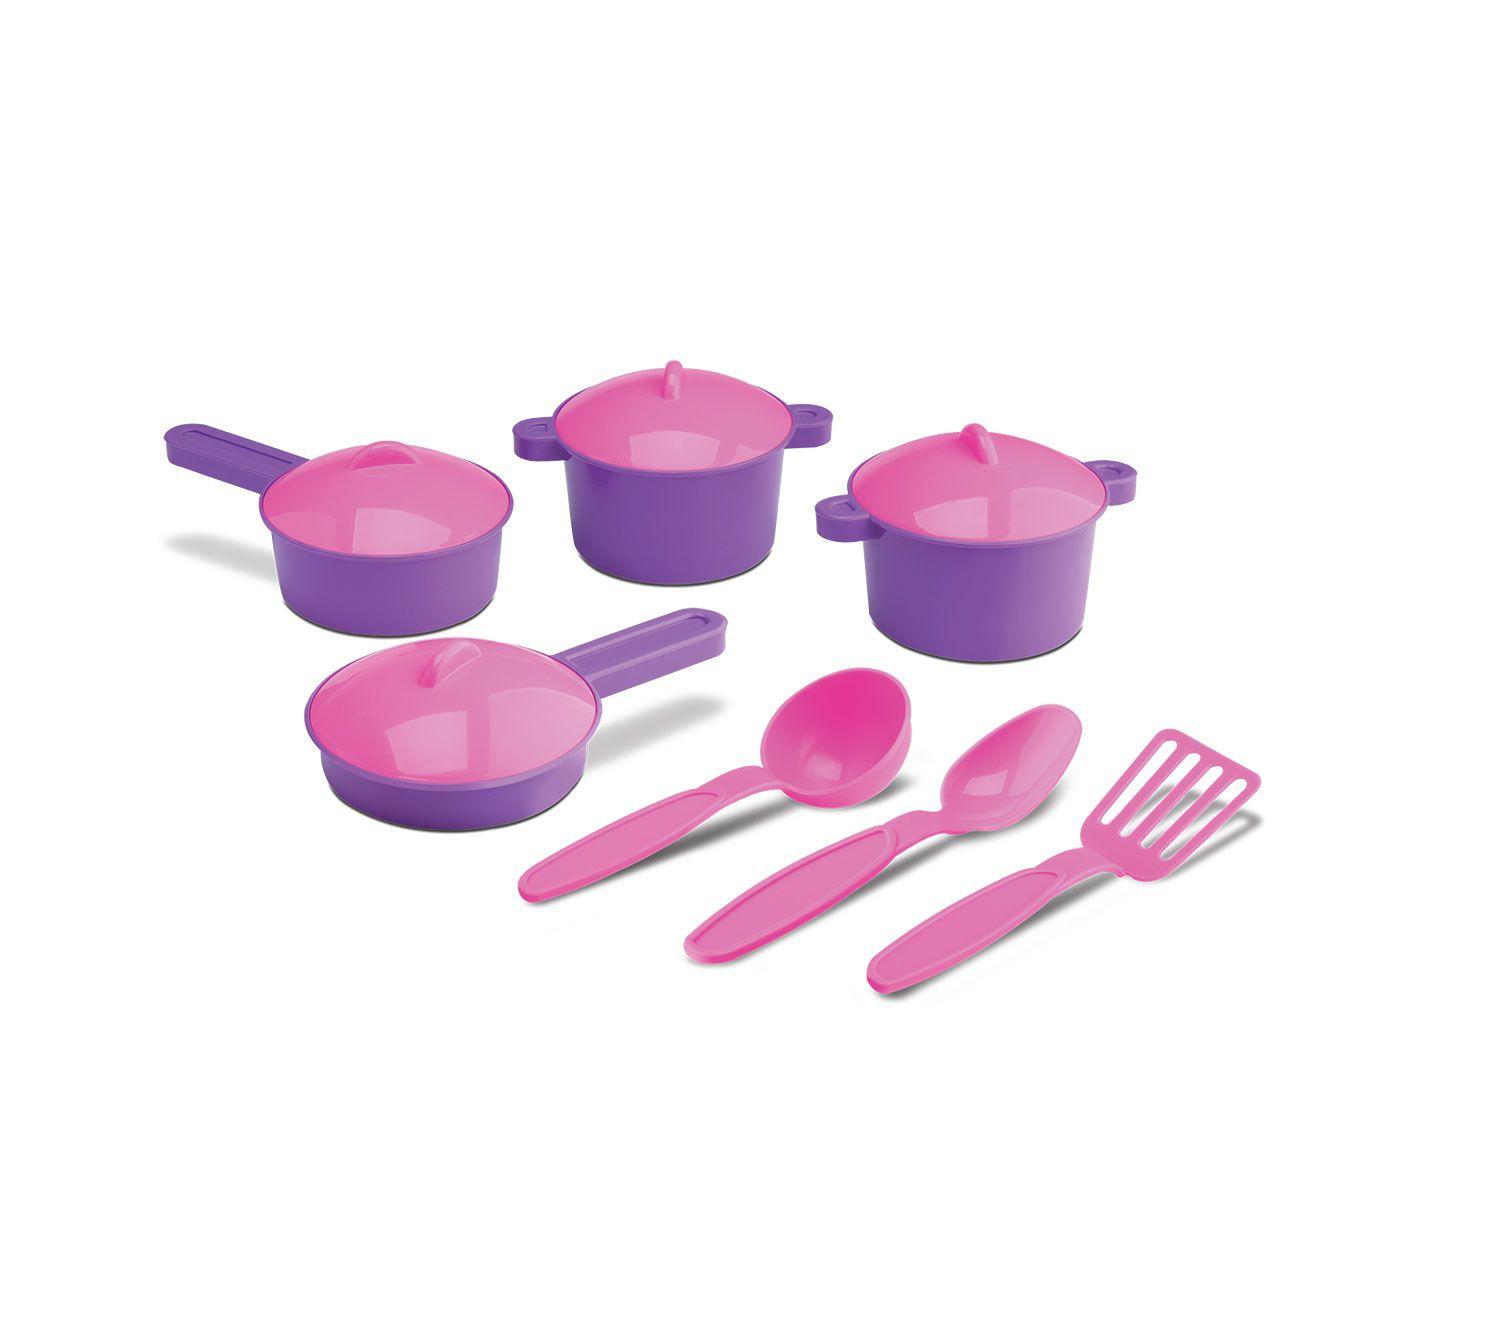 Kit Cozinha Coleção Samba Cooking - Samba Toys